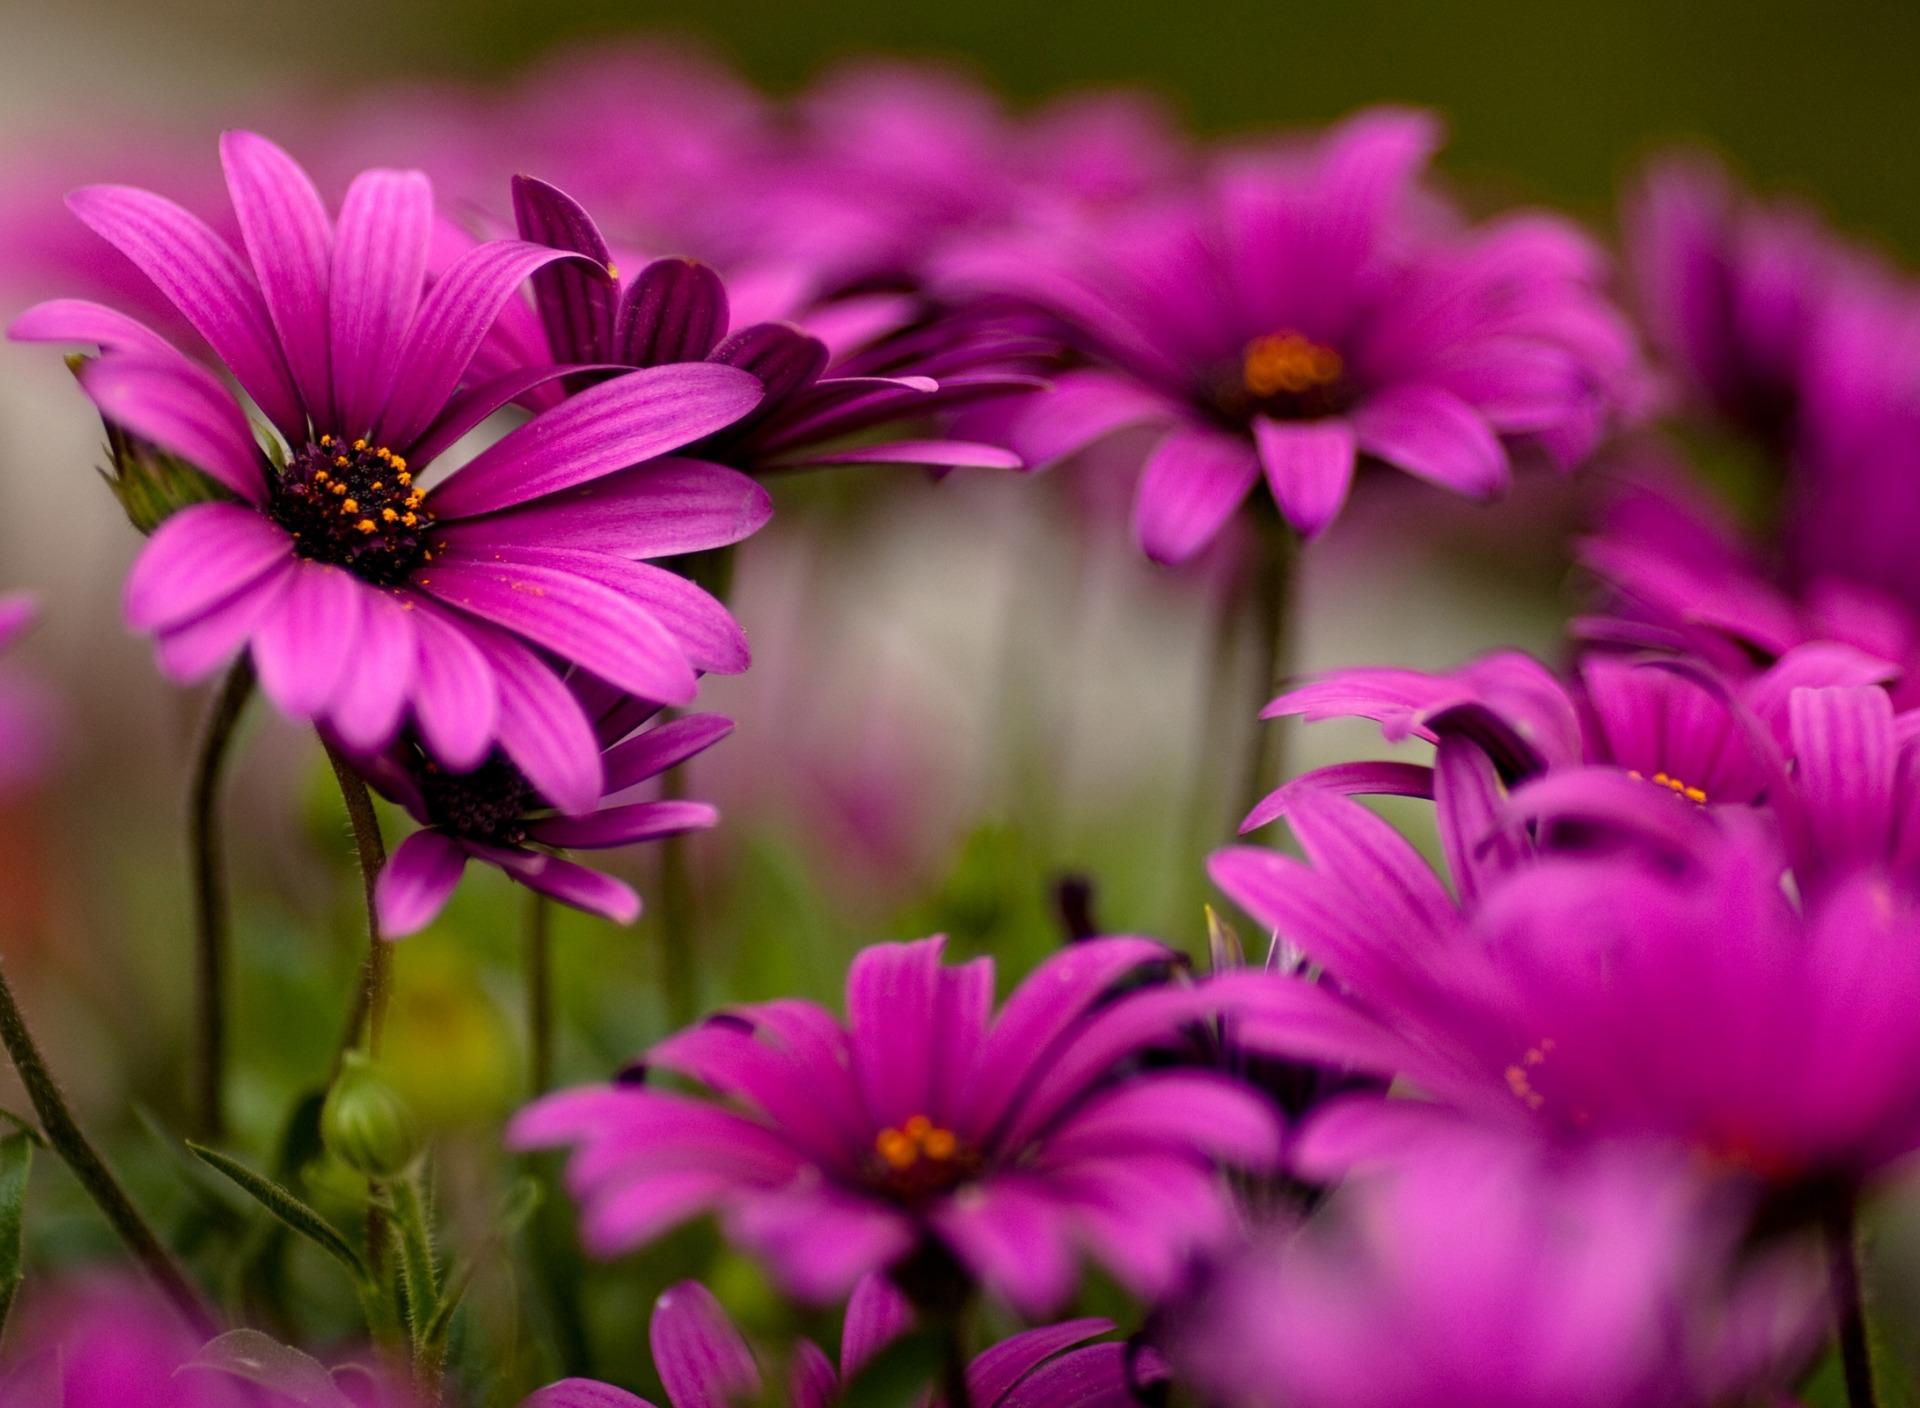 период картинки цветочки в отличном качестве было